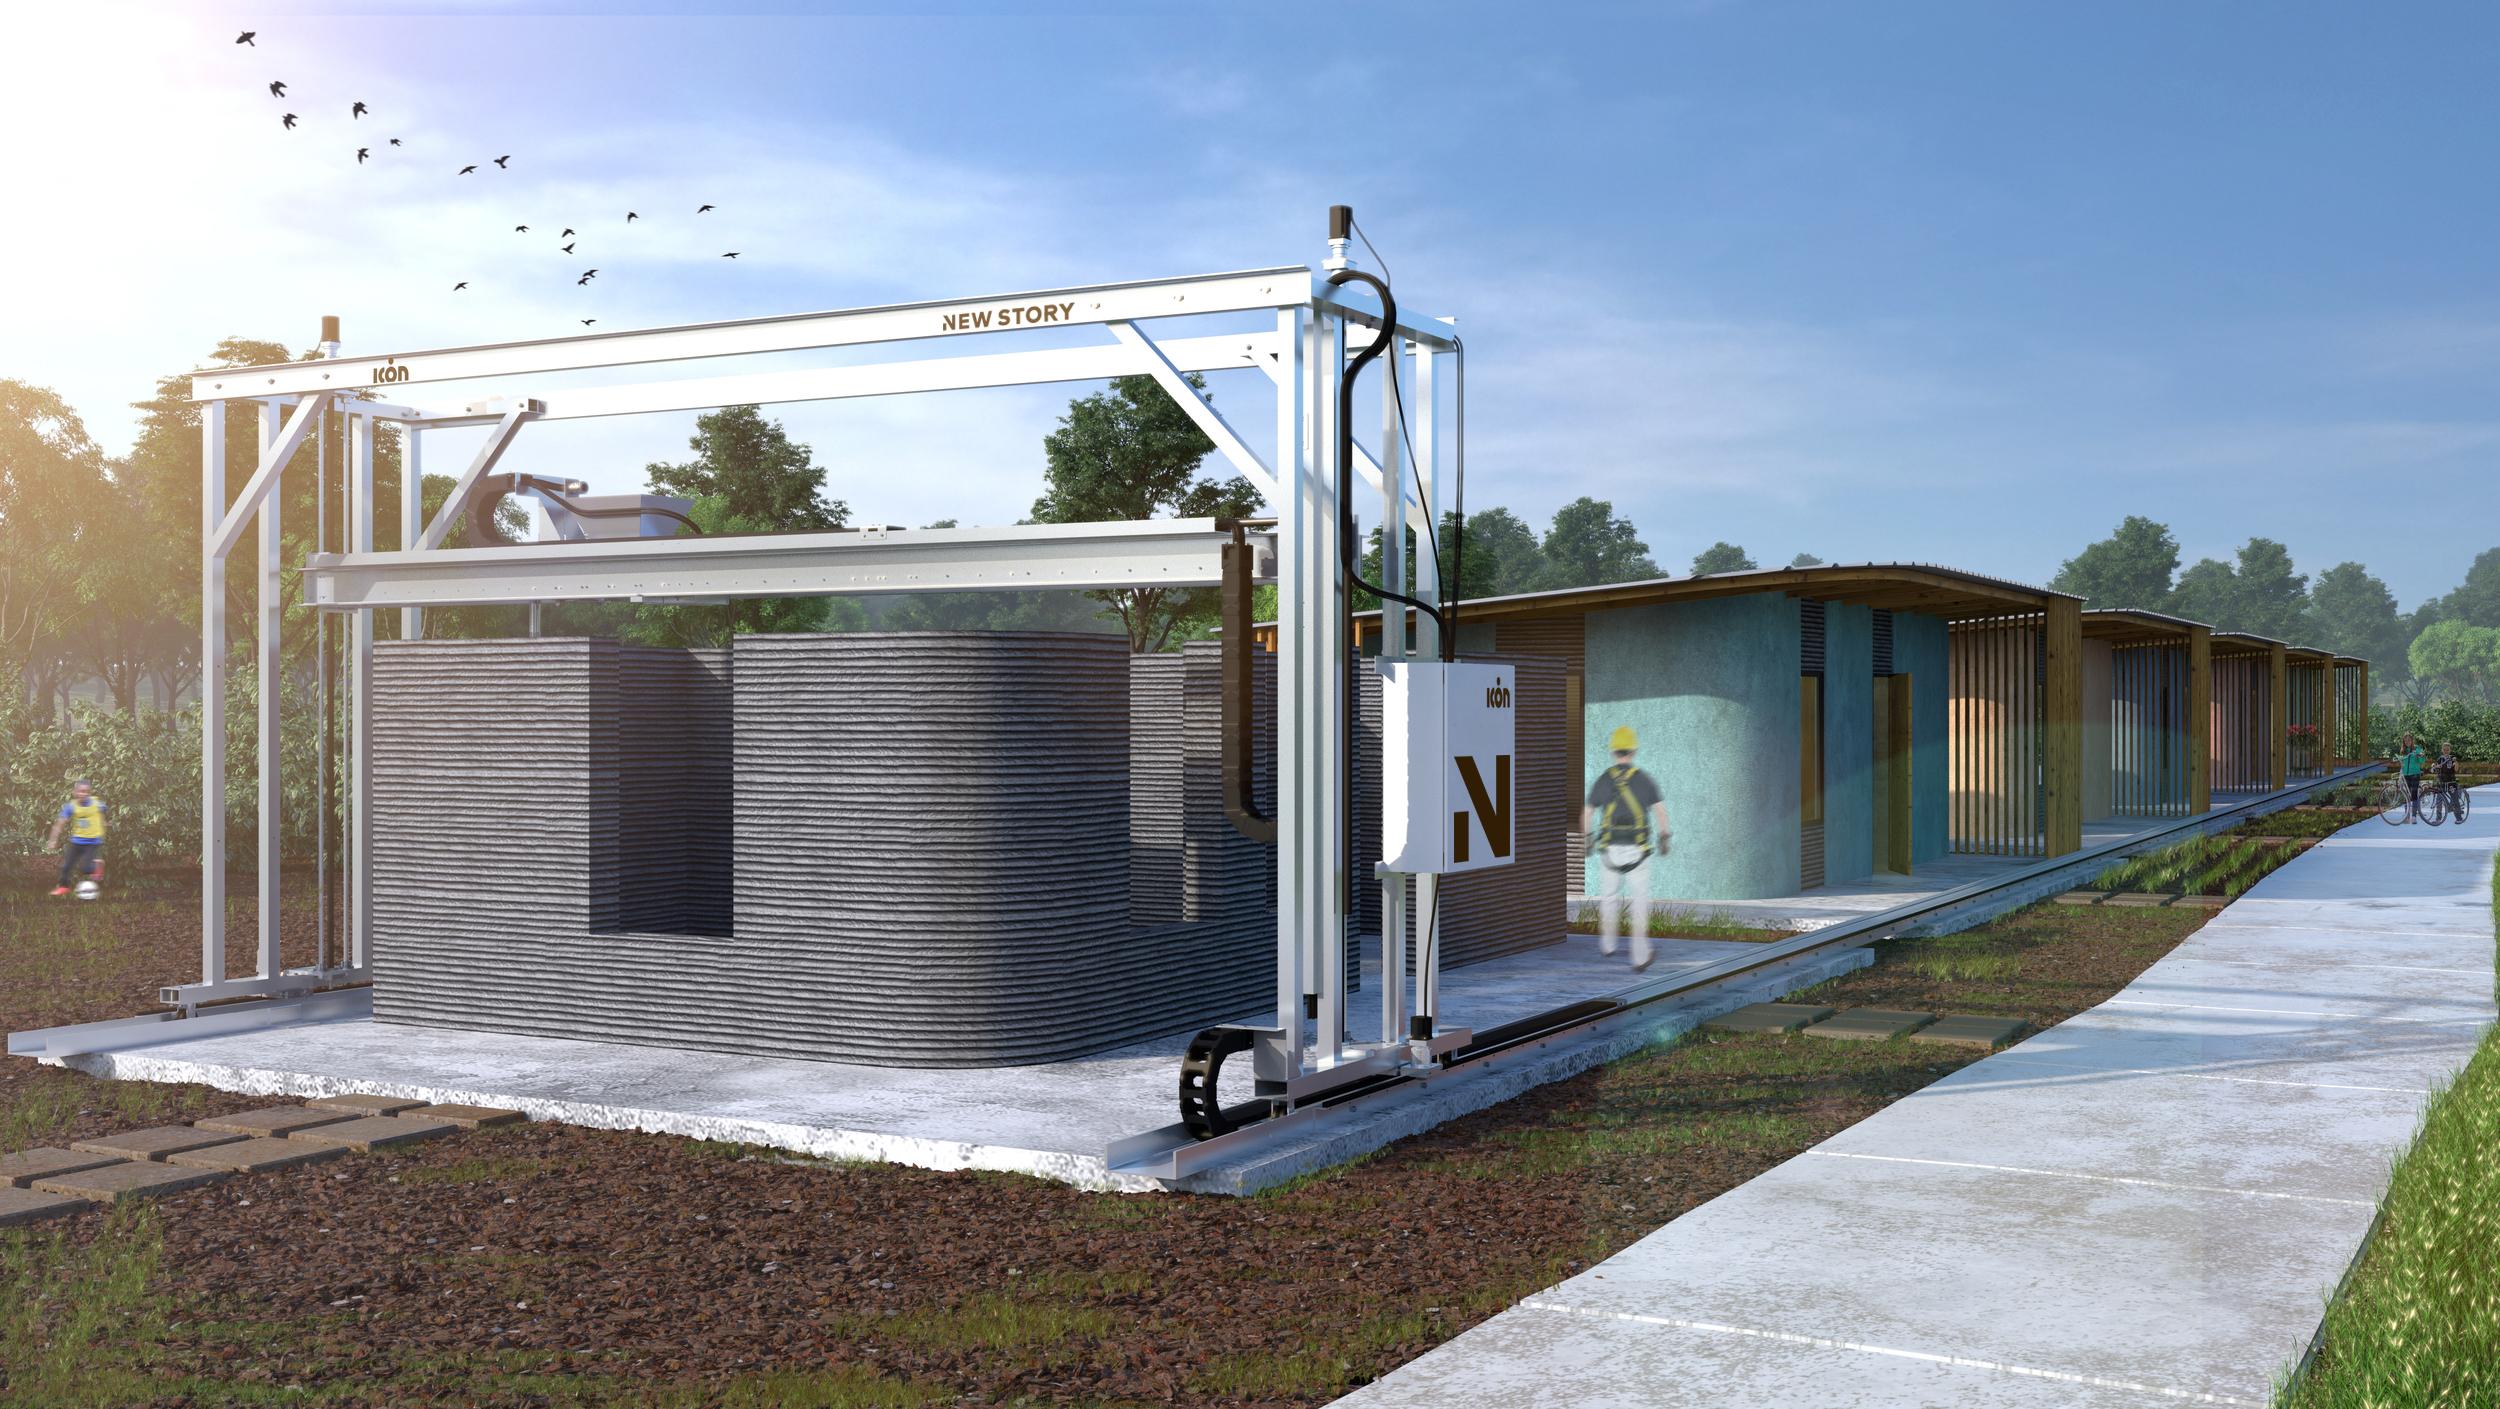 vulcan 3d drucker haus1 - New Story und ICON planen Häuser aus dem 3D-Drucker für $ 4000